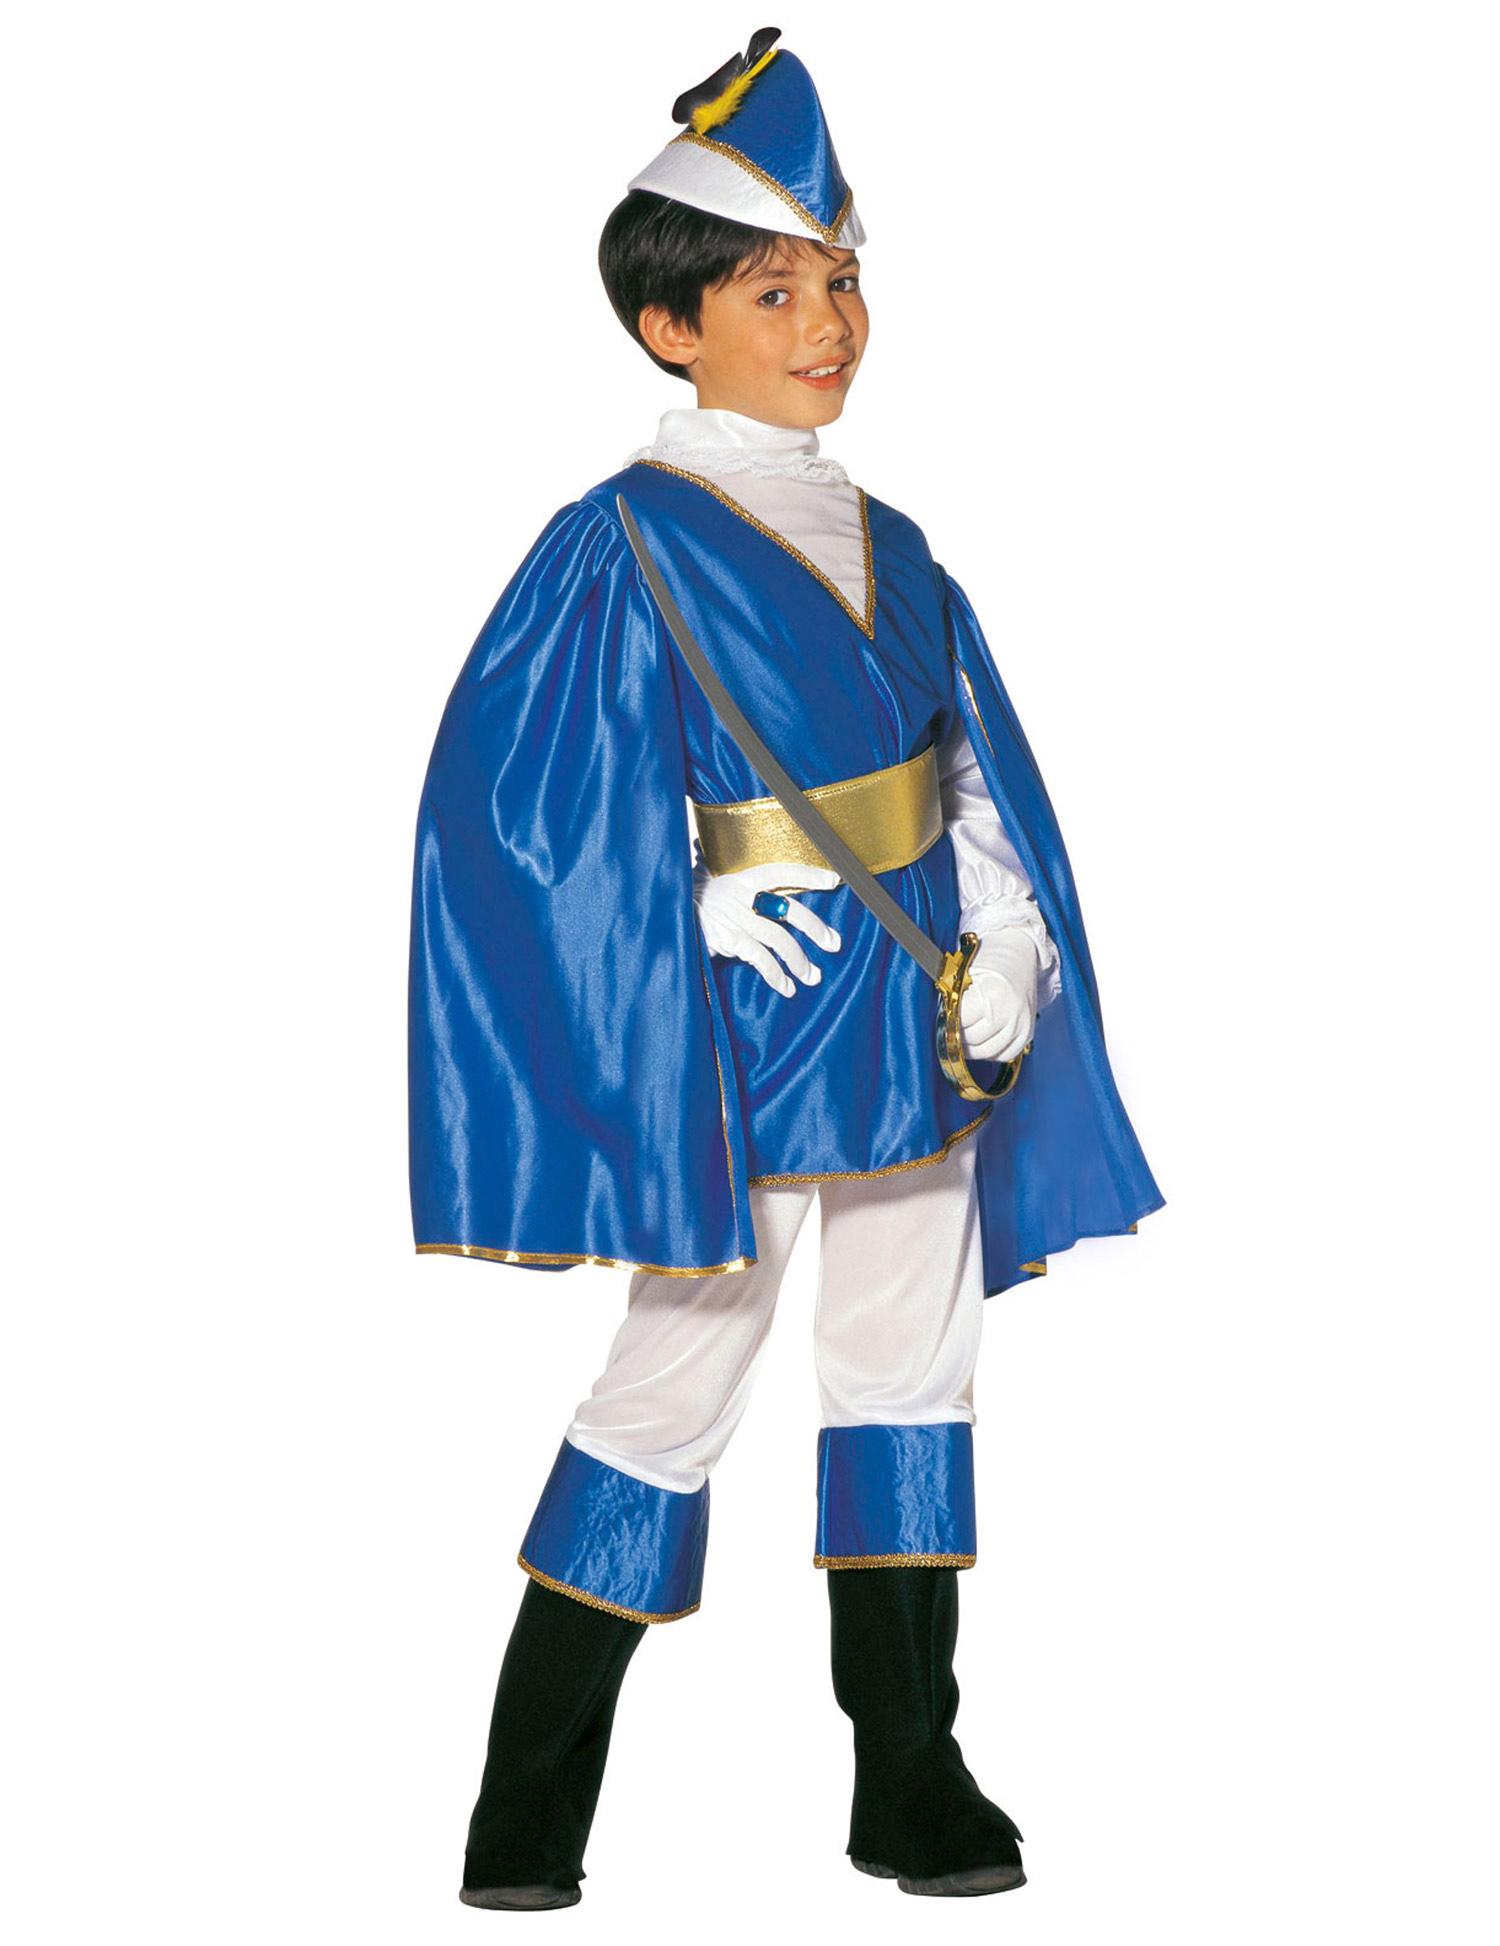 presa di fabbrica completo nelle specifiche ultimo stile Costume principe azzurro bambino